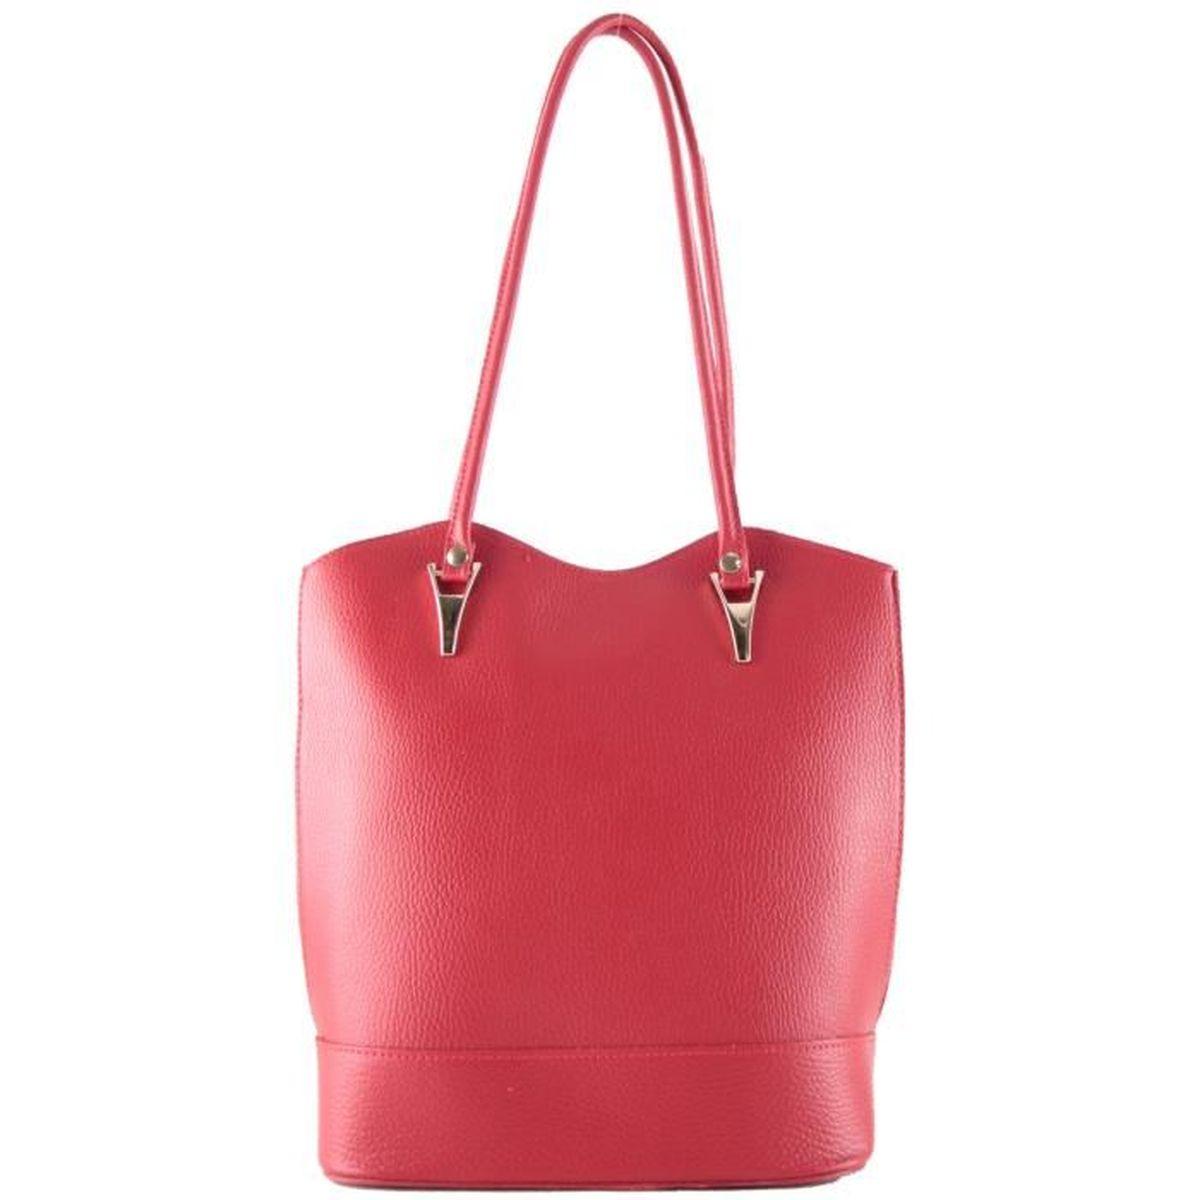 Sac Cuir Femme Porté Dos ou Epaule (Rouge - TU) - Achat   Vente sac ... 1ceb6cc8cb5b